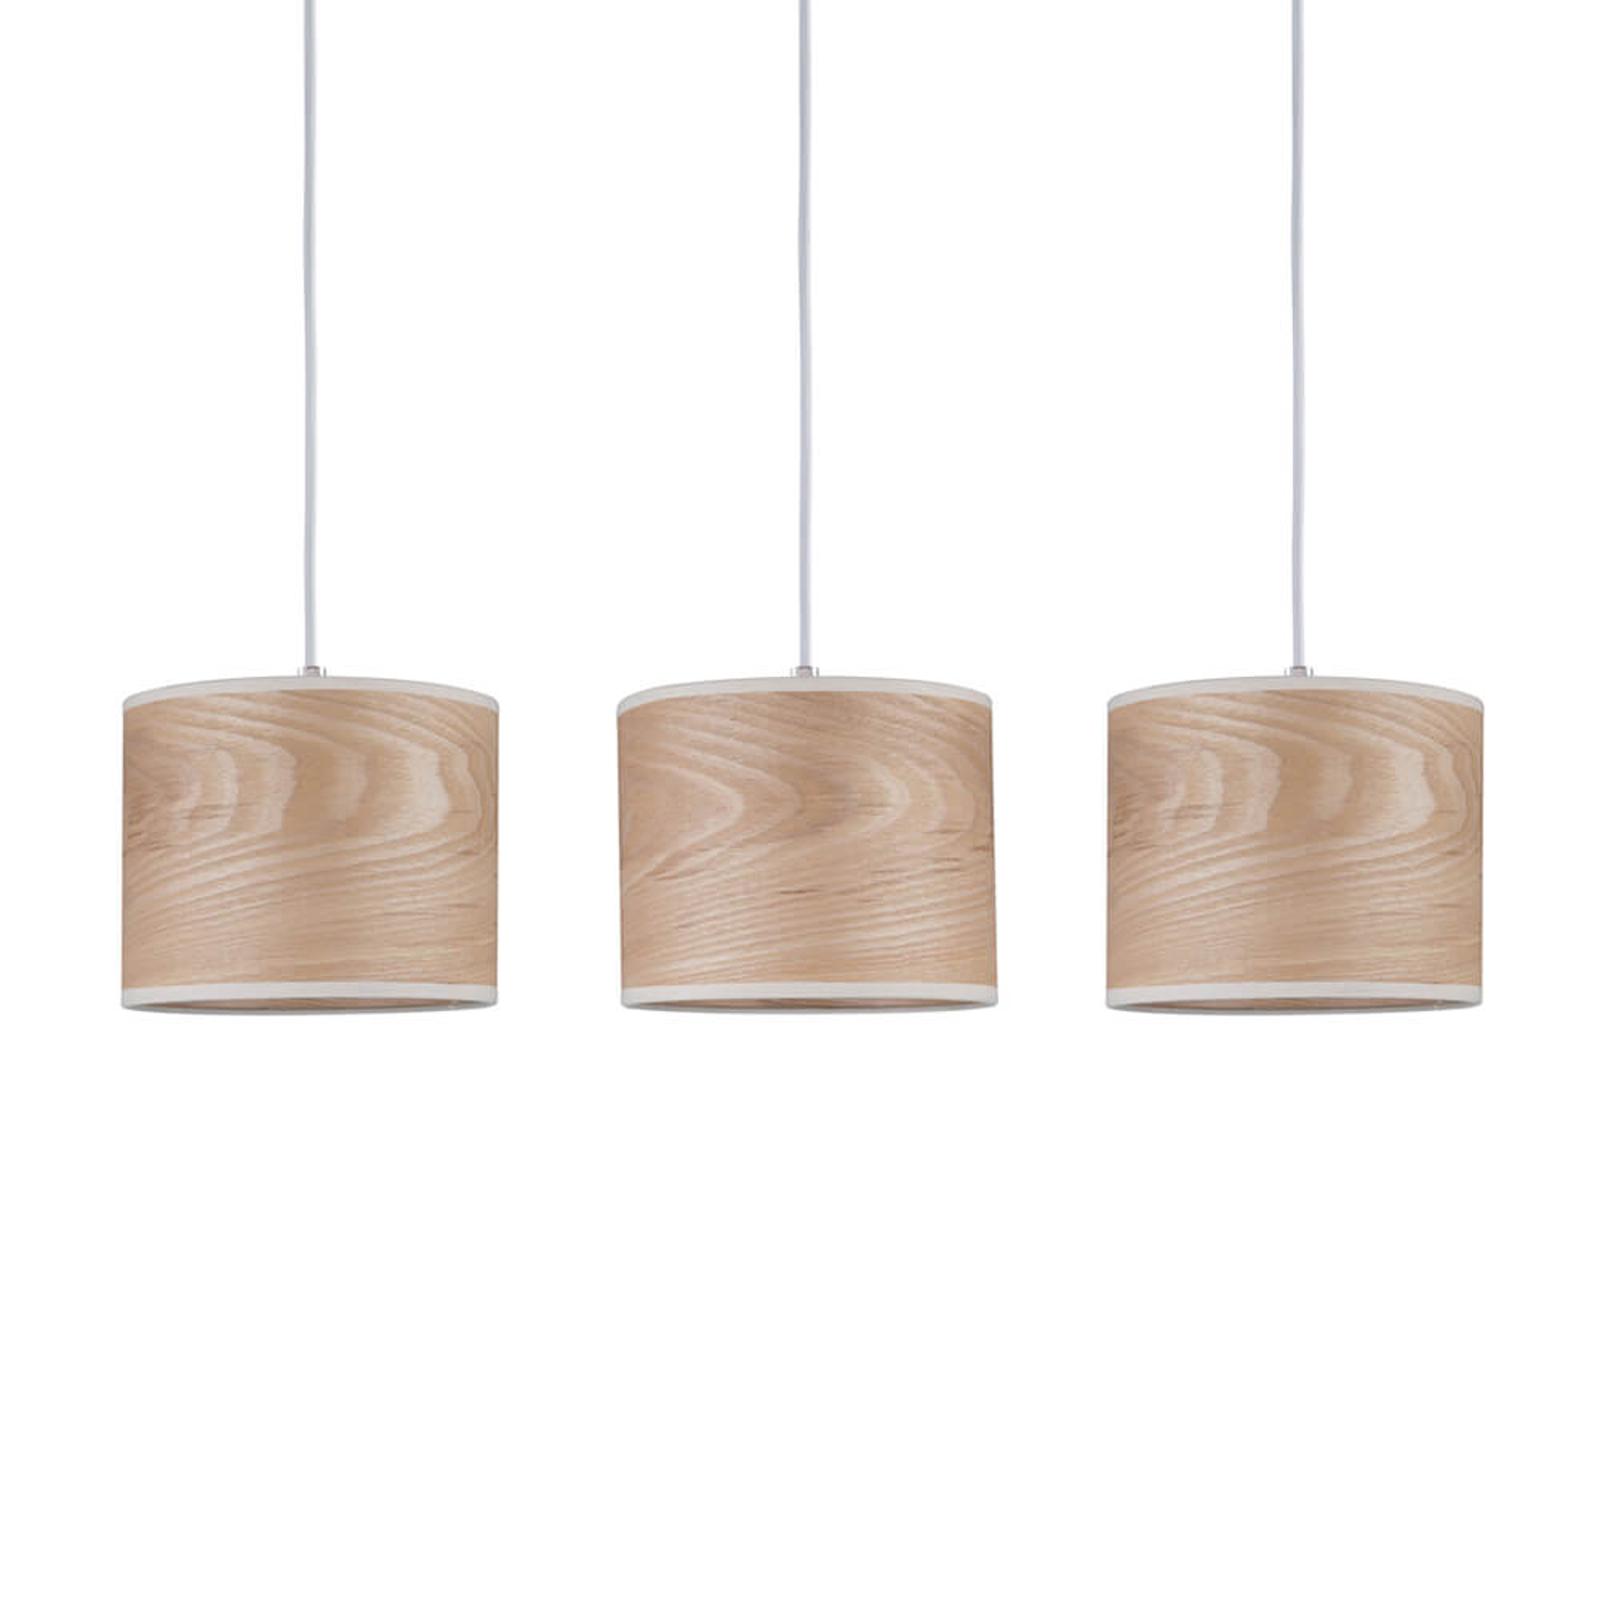 Suspension à 3 lampes Neta au design naturel